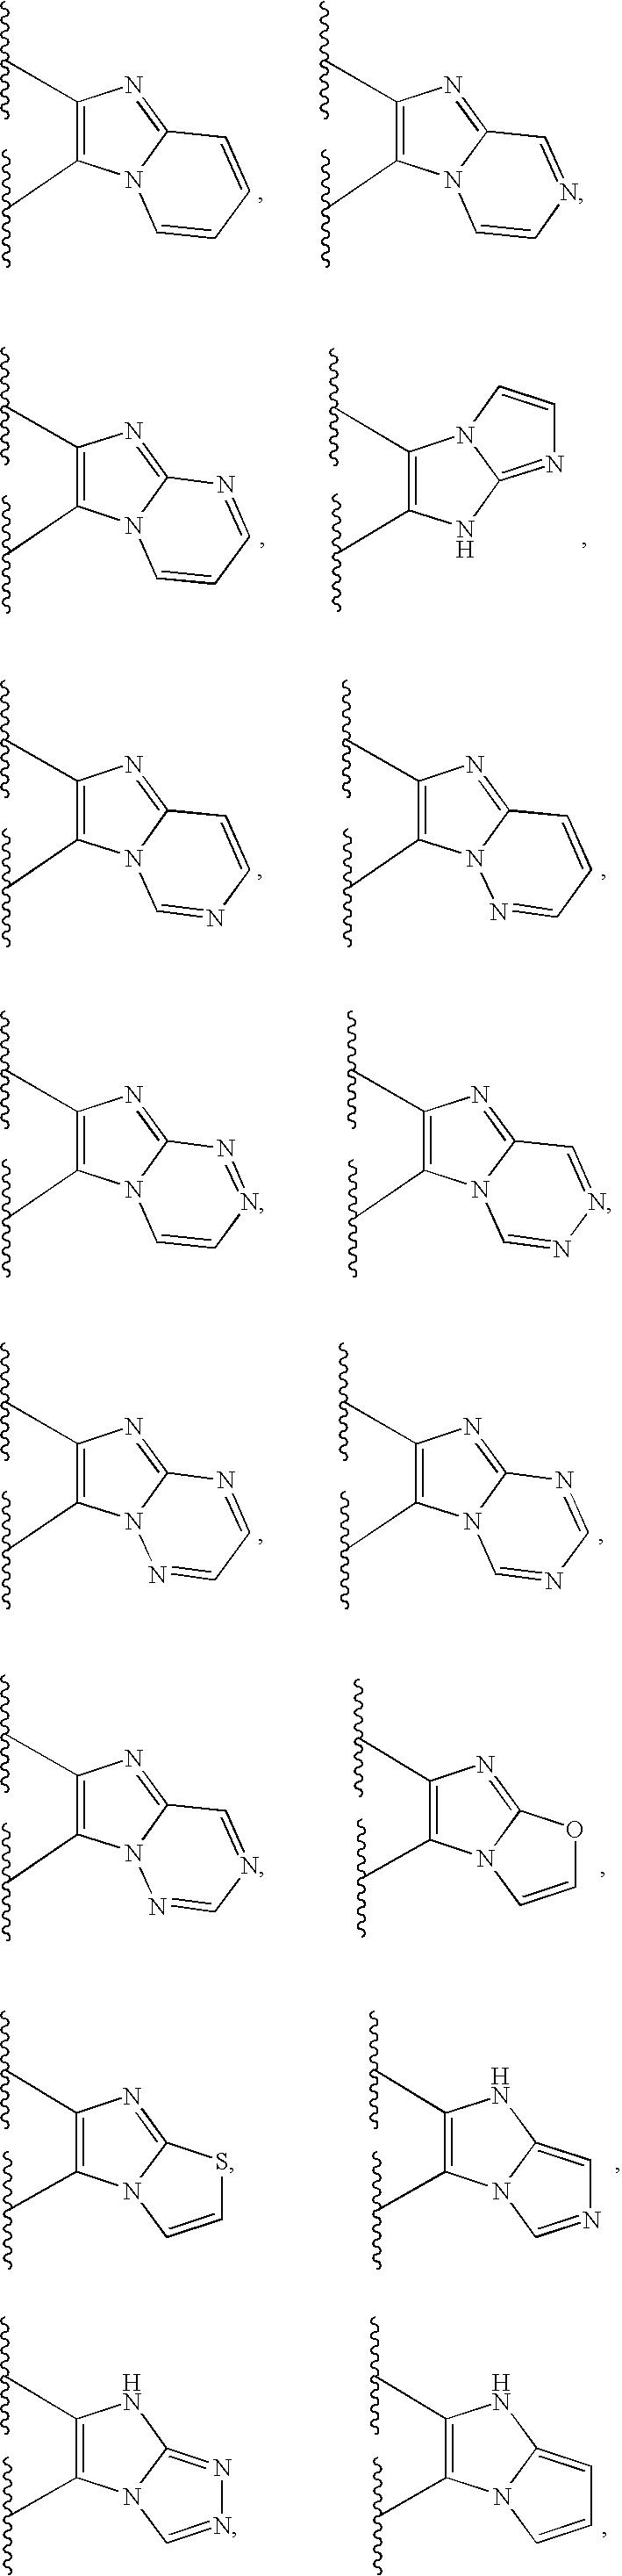 Figure US20040176390A1-20040909-C00073